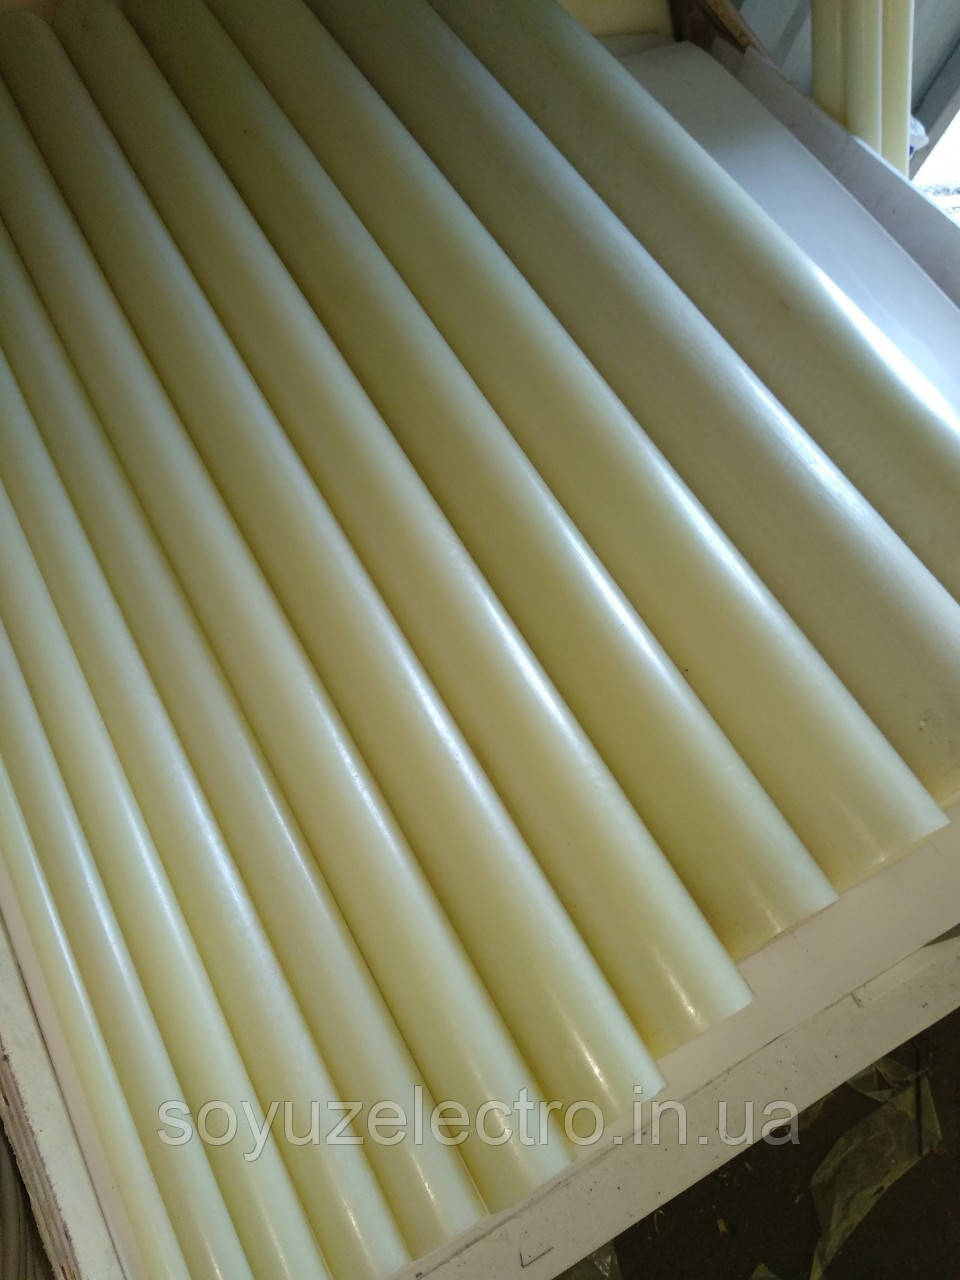 Капролон стержень 70 мм (Полиамид)